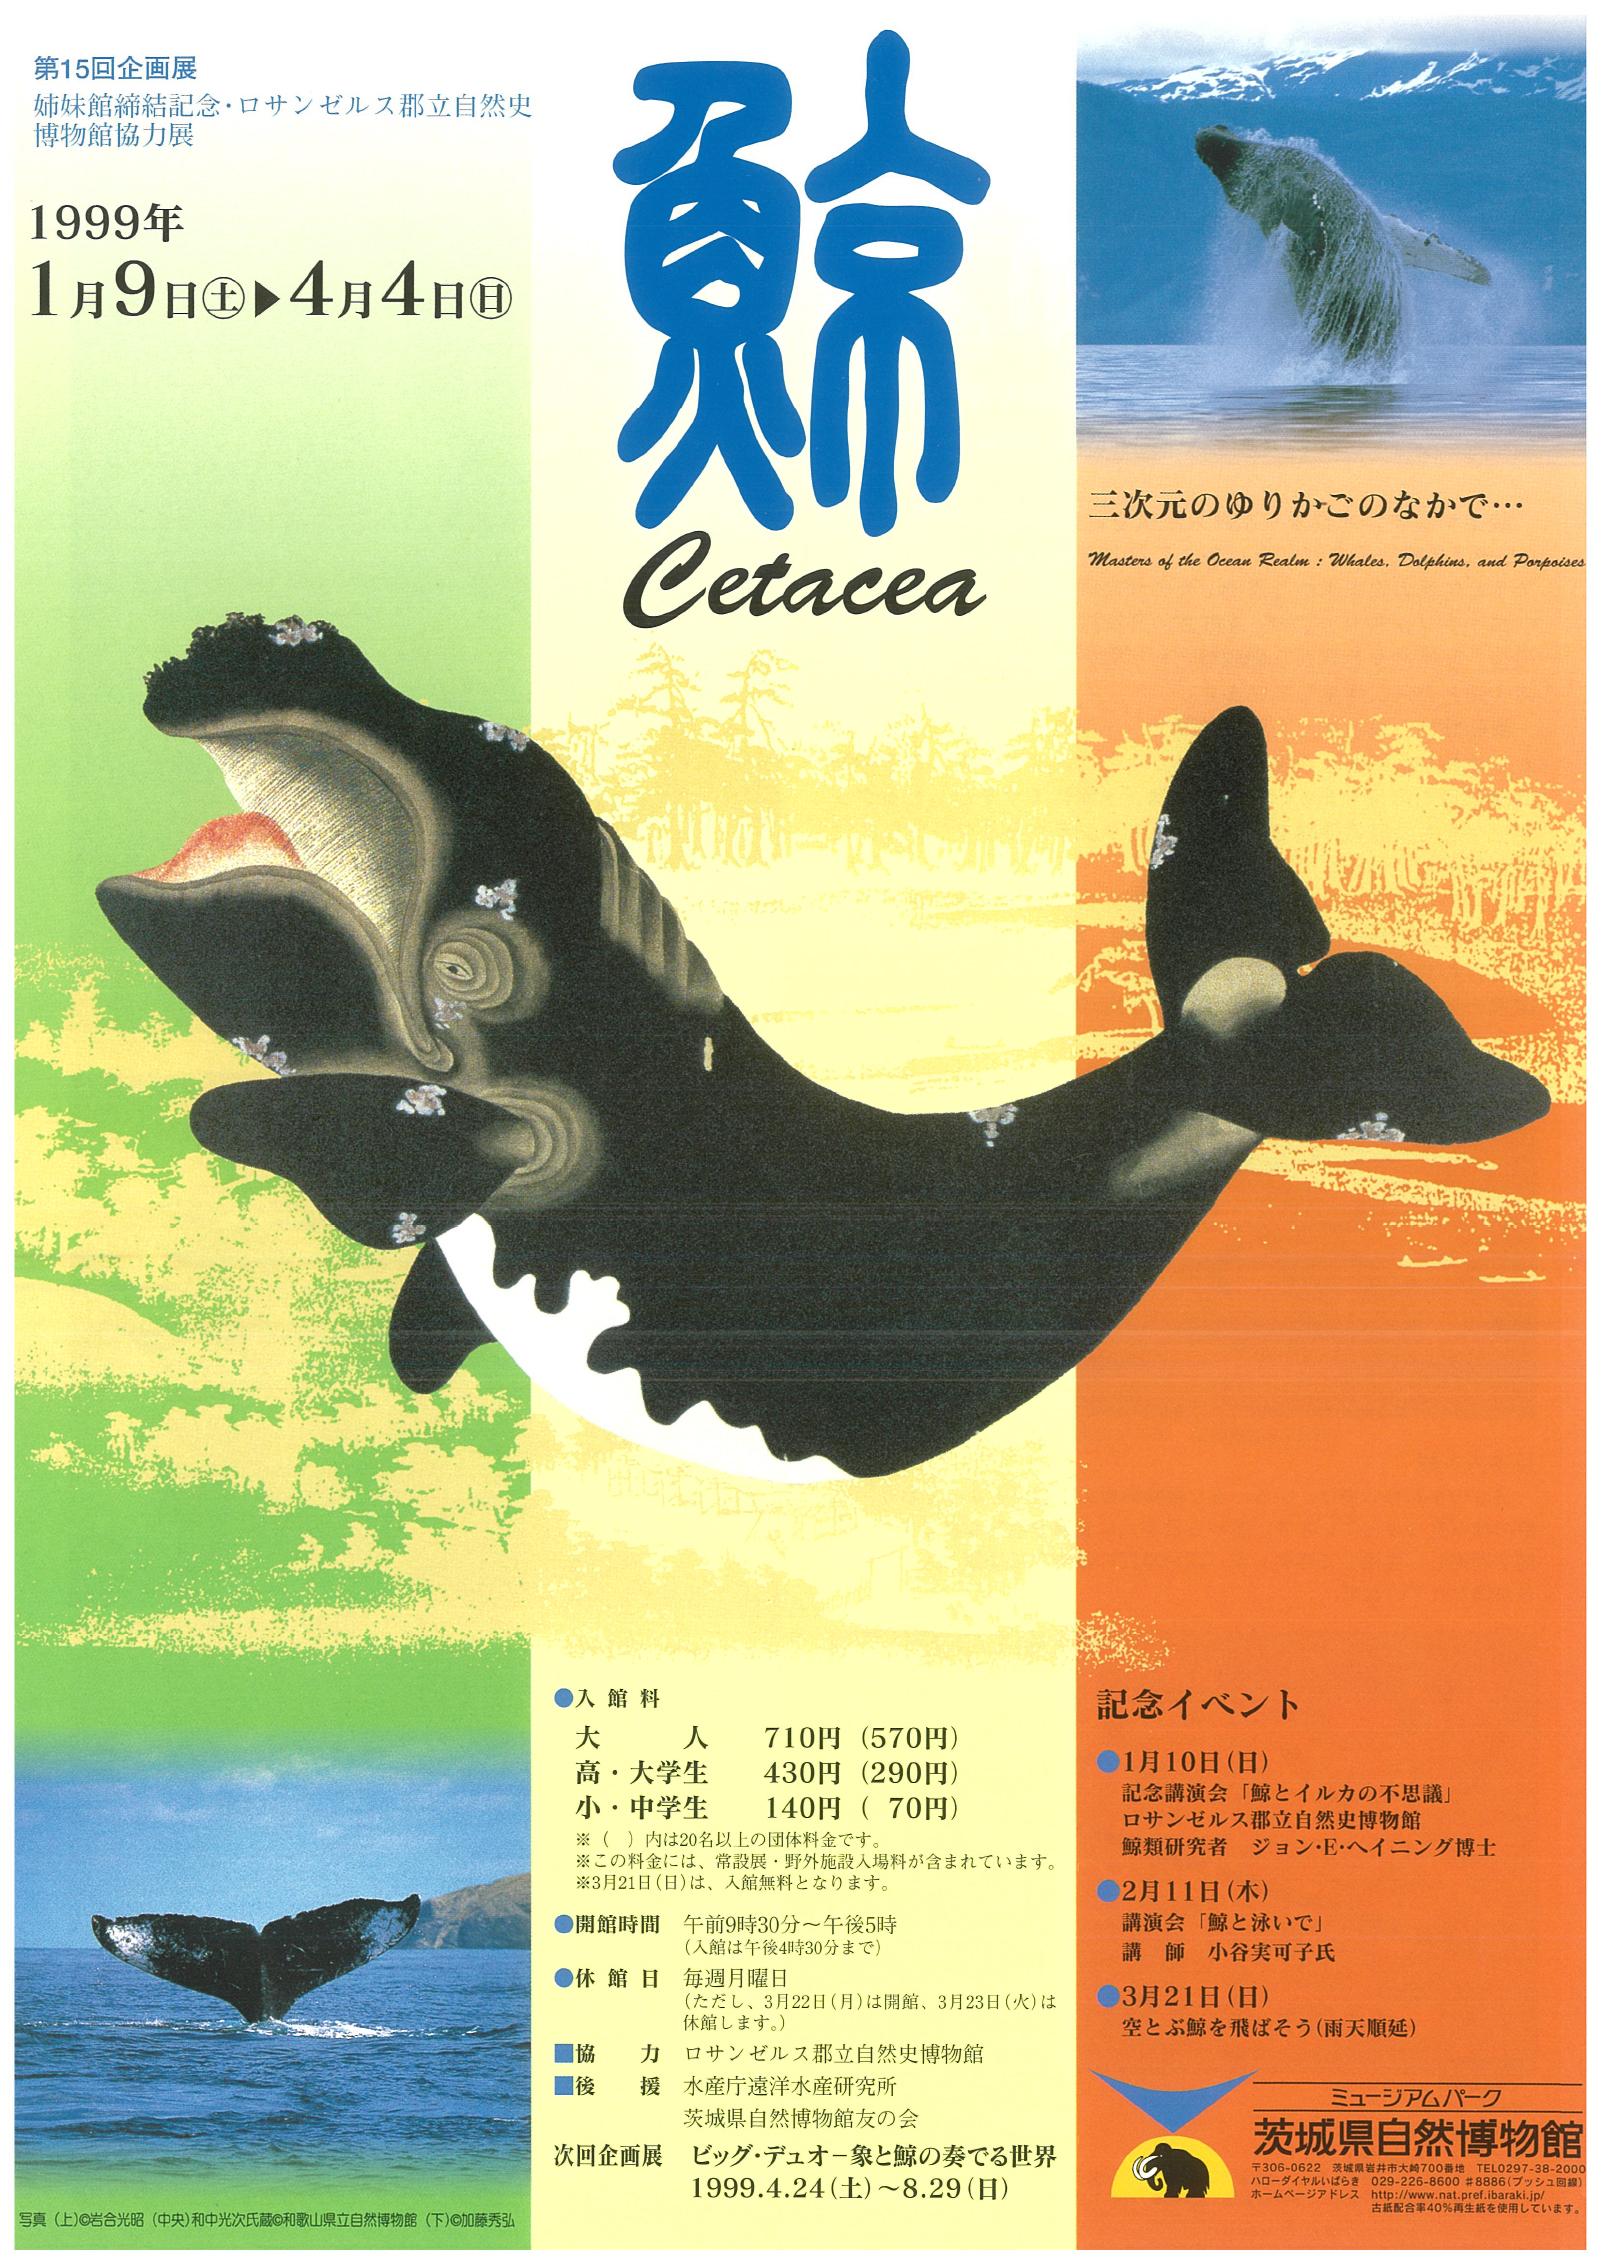 鯨 Catacea -三次元のゆりかごのなかで・・・-